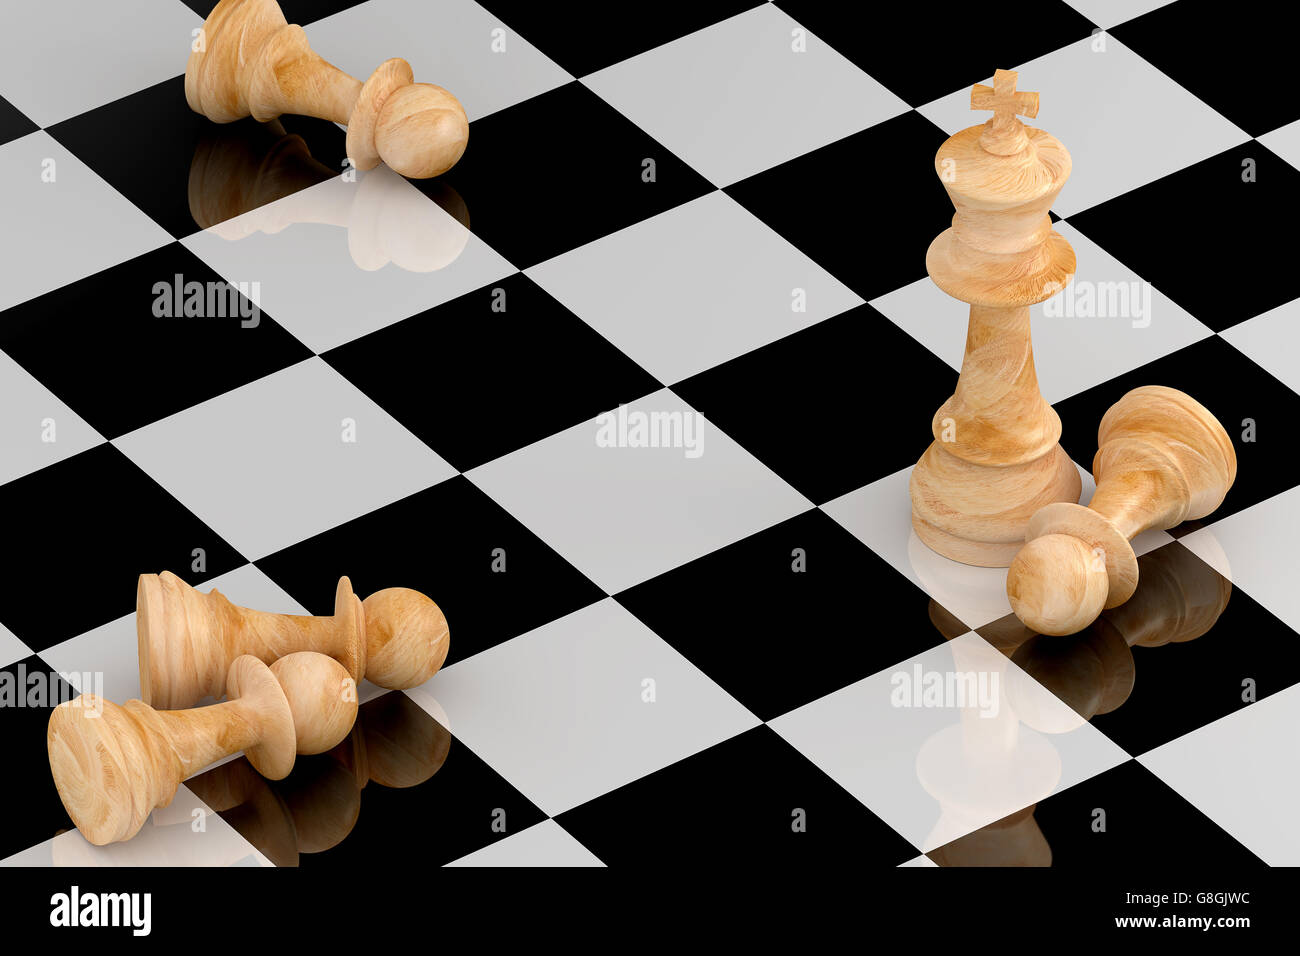 Leistung-Business-Konzept illustriert von Schach in 3D-Rendering. Stockbild